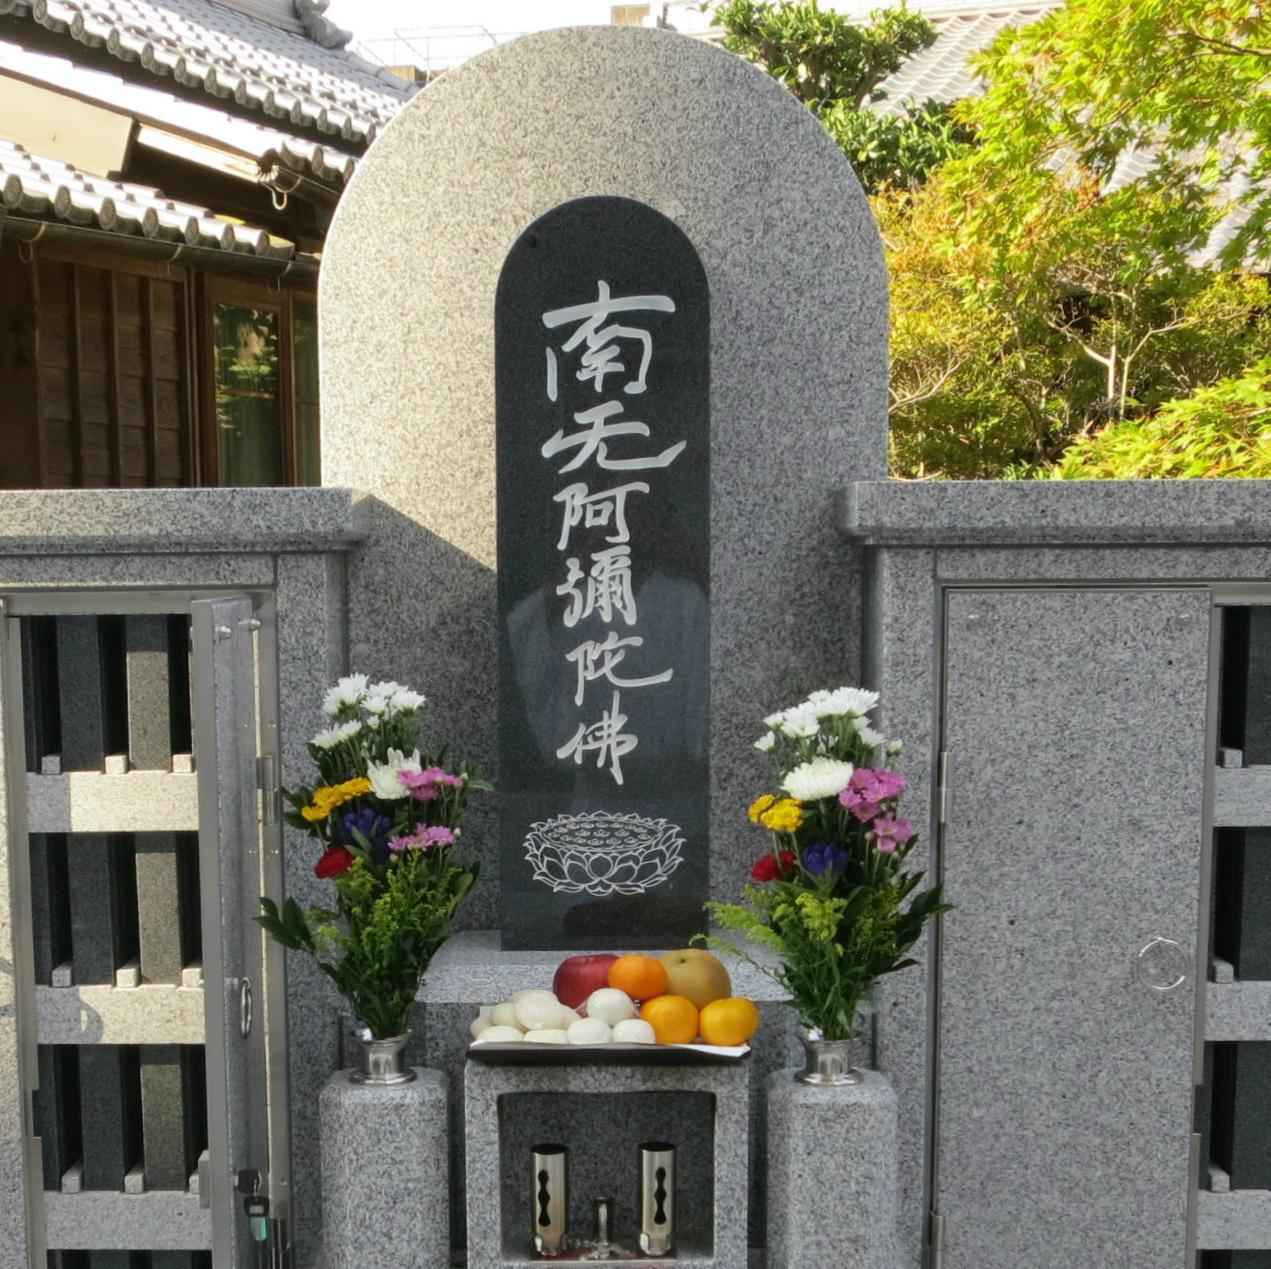 合同のお墓